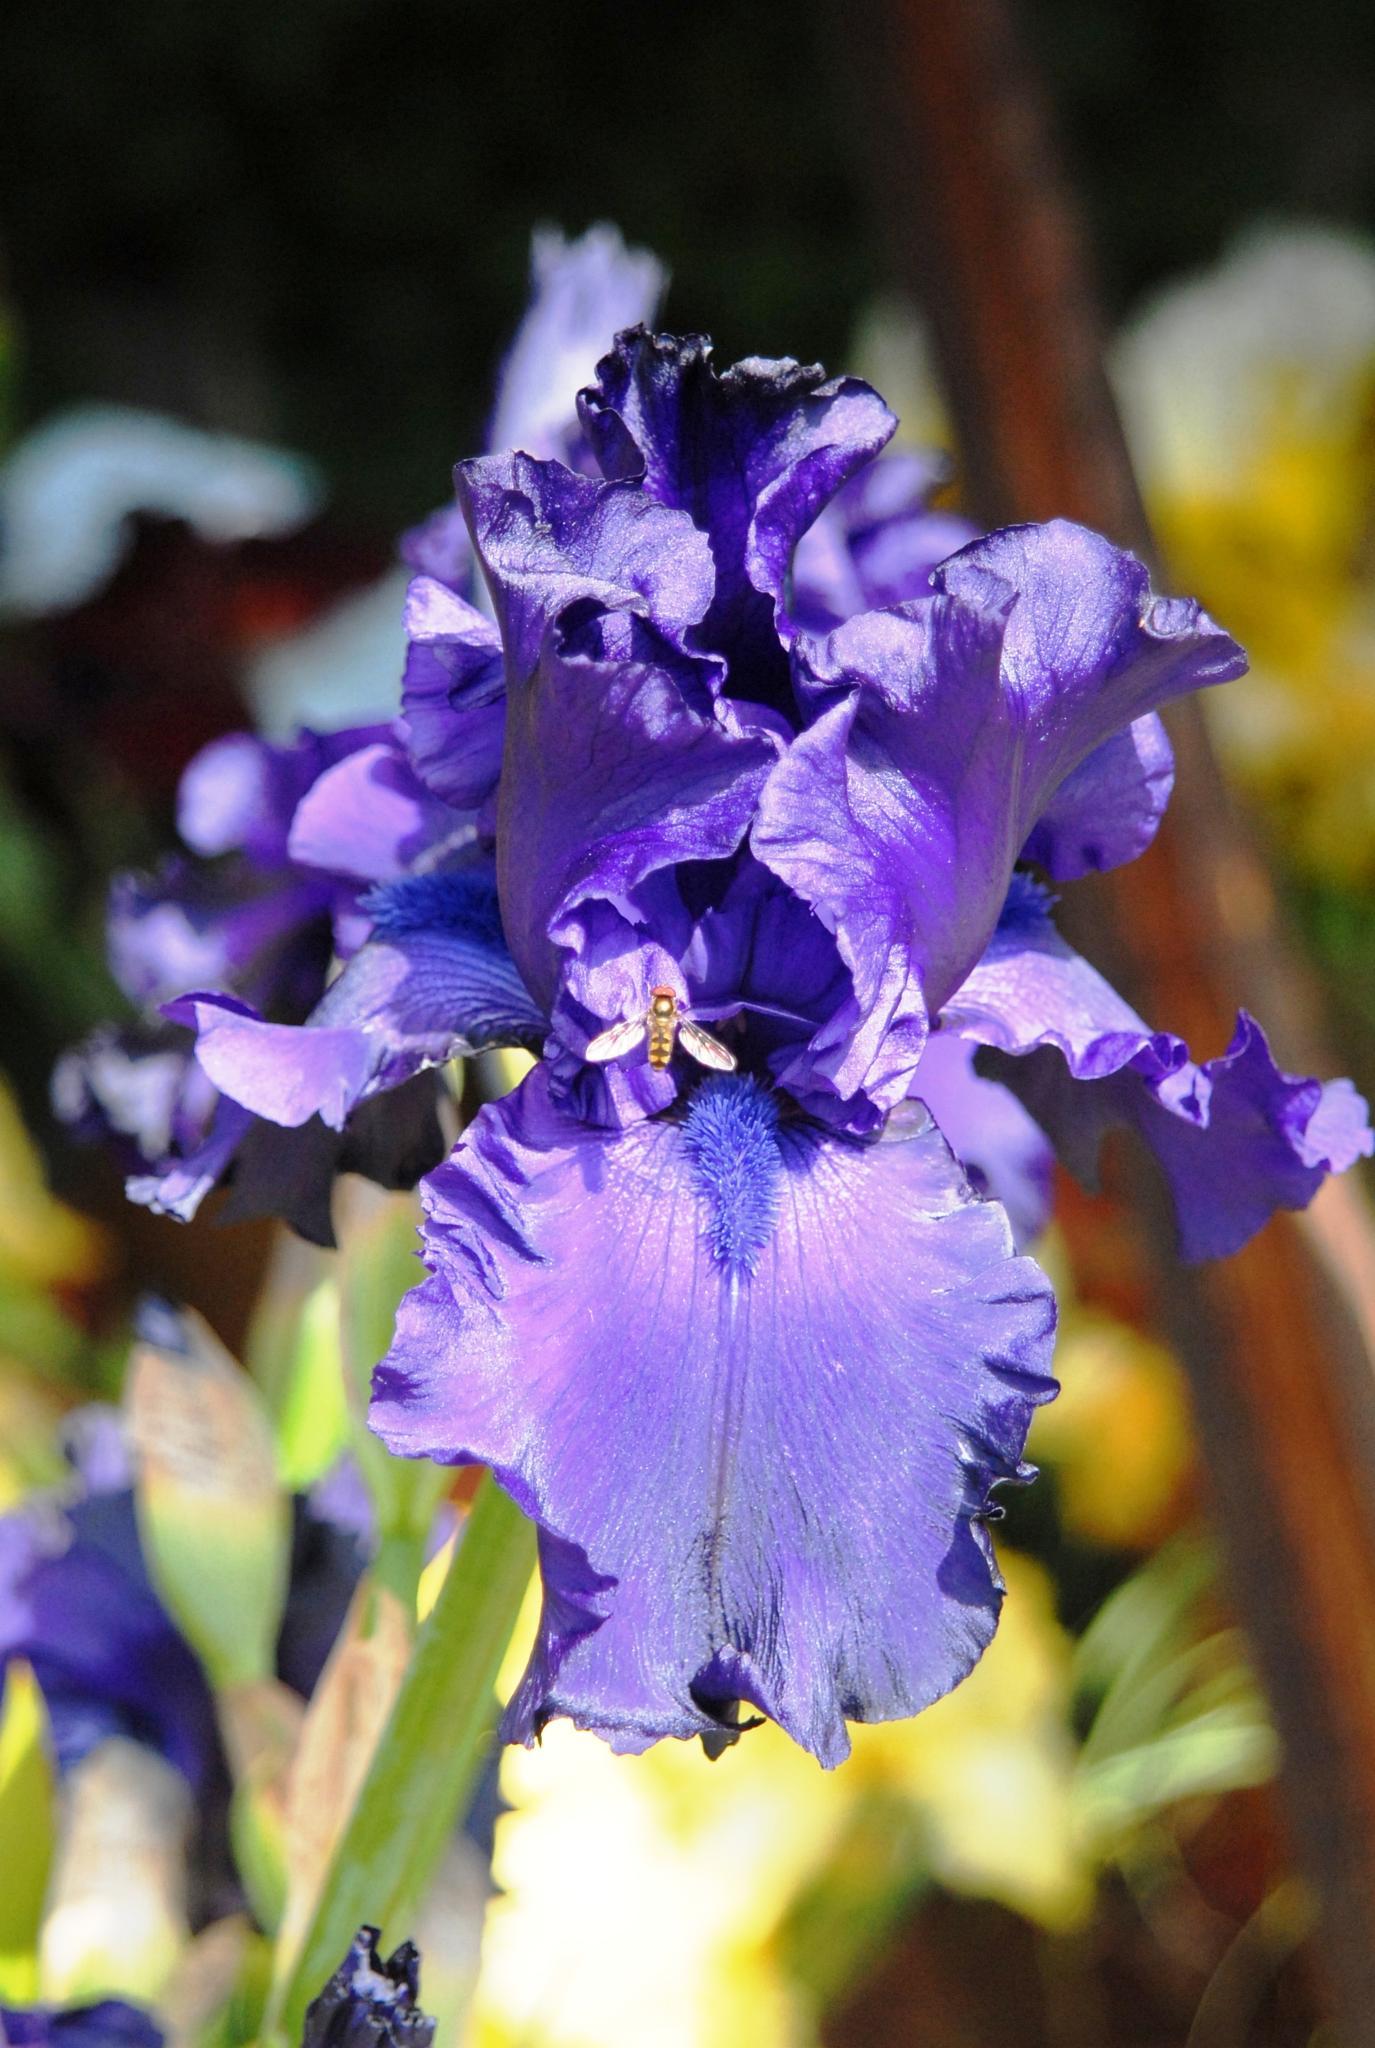 Iris by edmund hirschfeld